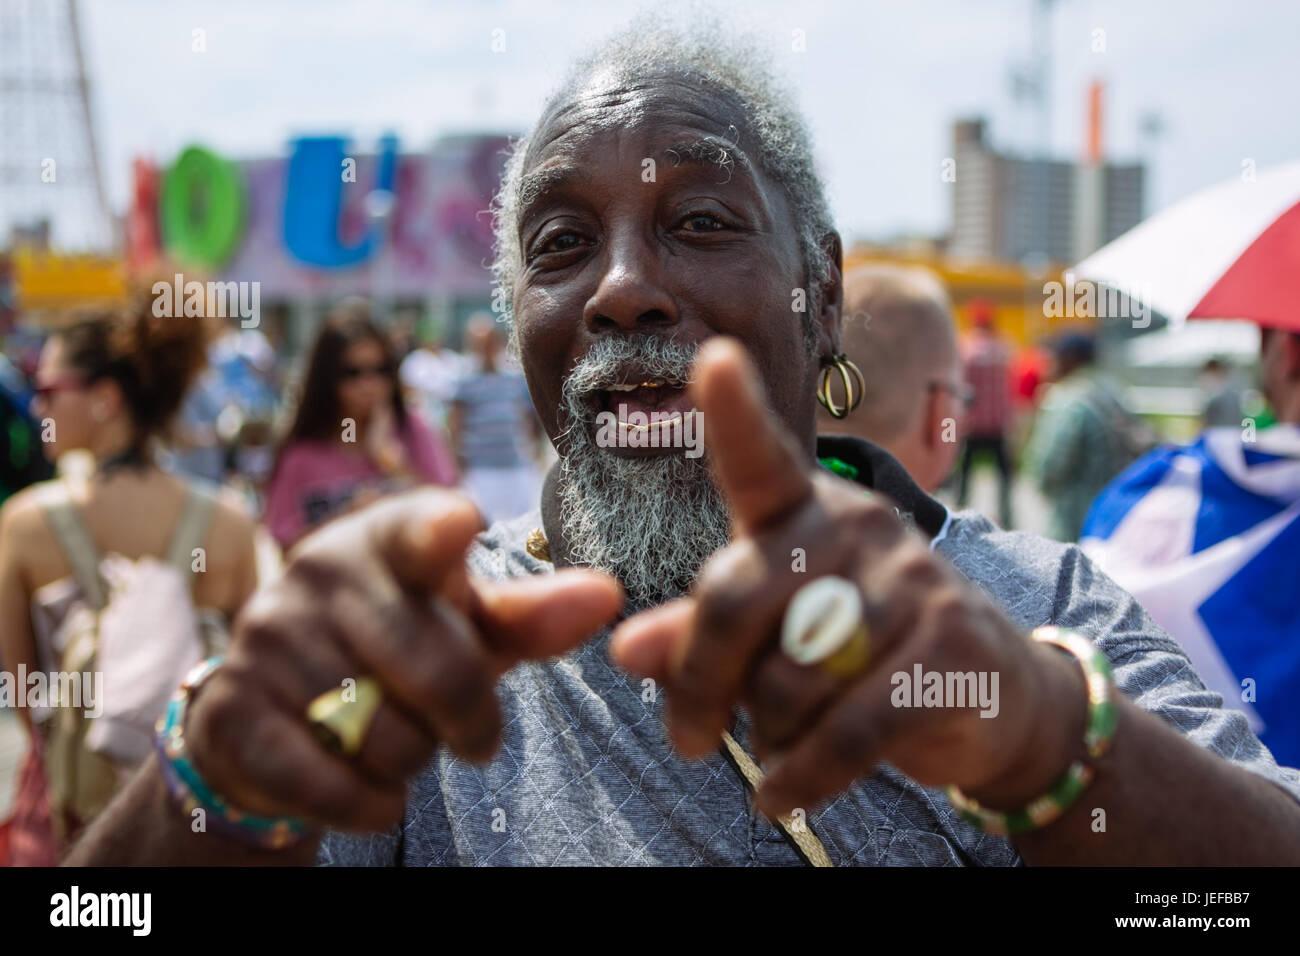 Hombre Negro apuntando a la cámara riendo en Coney Island boardwalk durante el fin de semana de verano, Brooklyn, Imagen De Stock